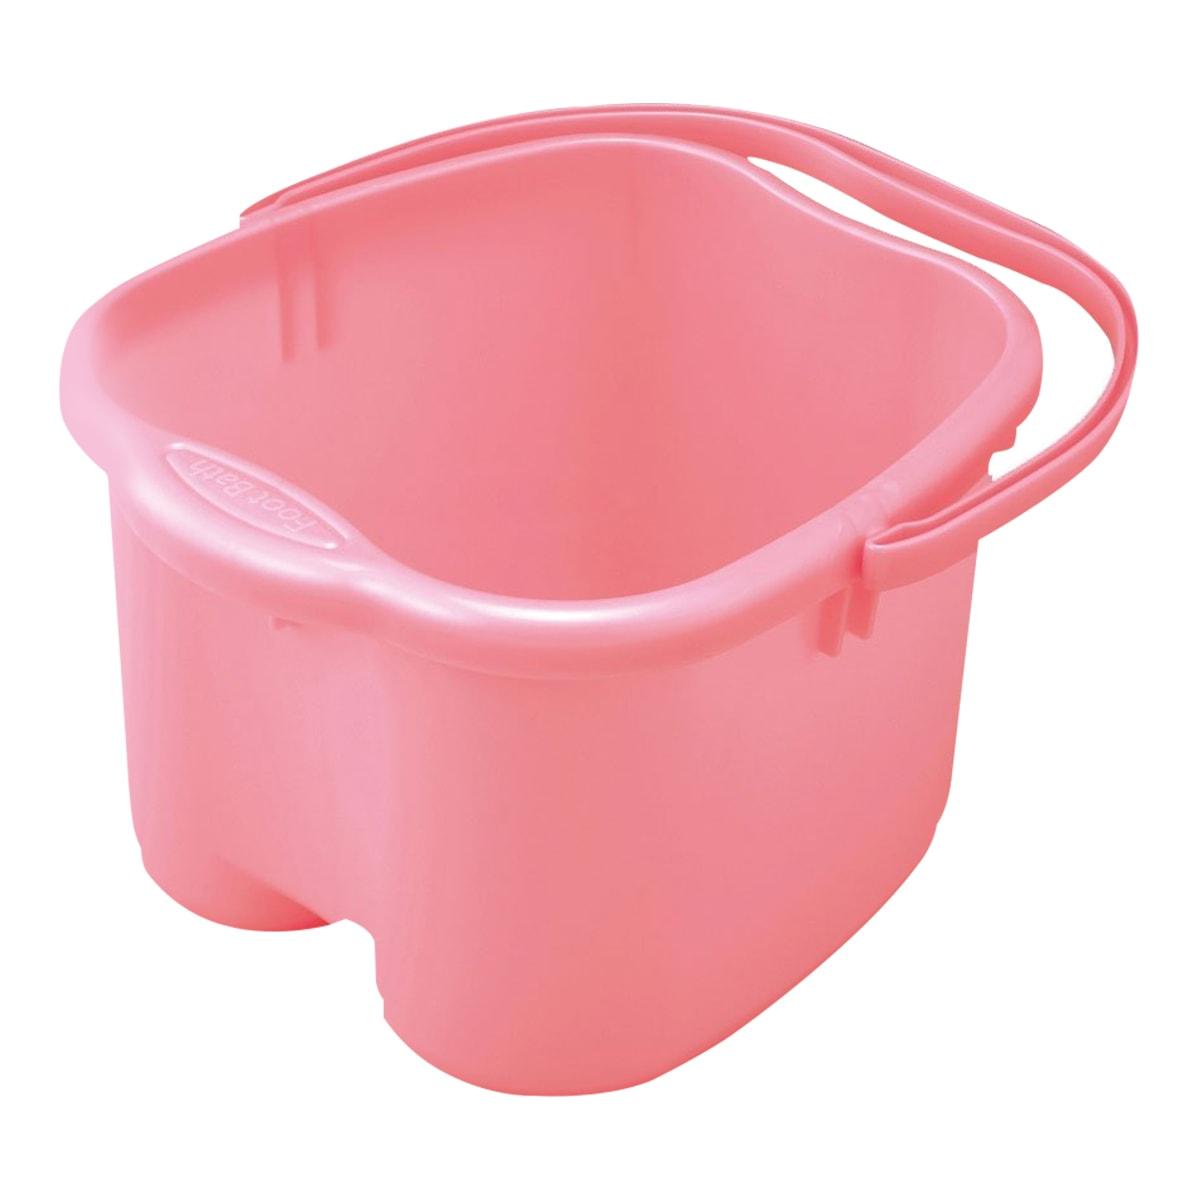 日本INOMATA 手提泡脚足浴桶 #粉红色 1件入